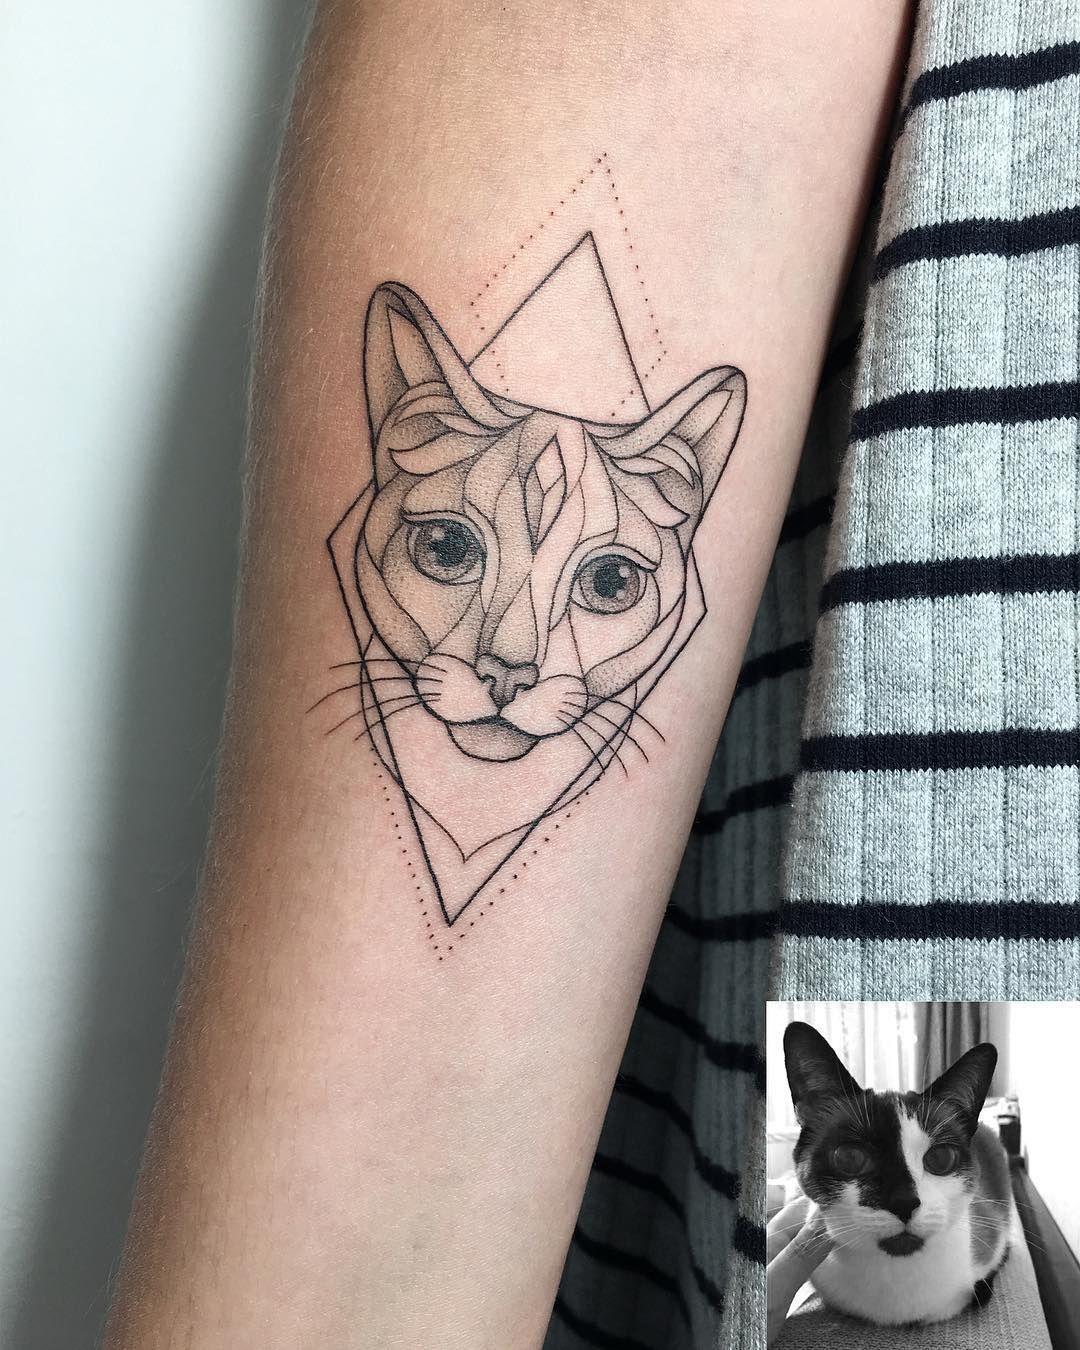 Irainkers Tattoo Geometry Cat Cat Tattoo Simple Cat Skull Tattoo Arm Tattoo